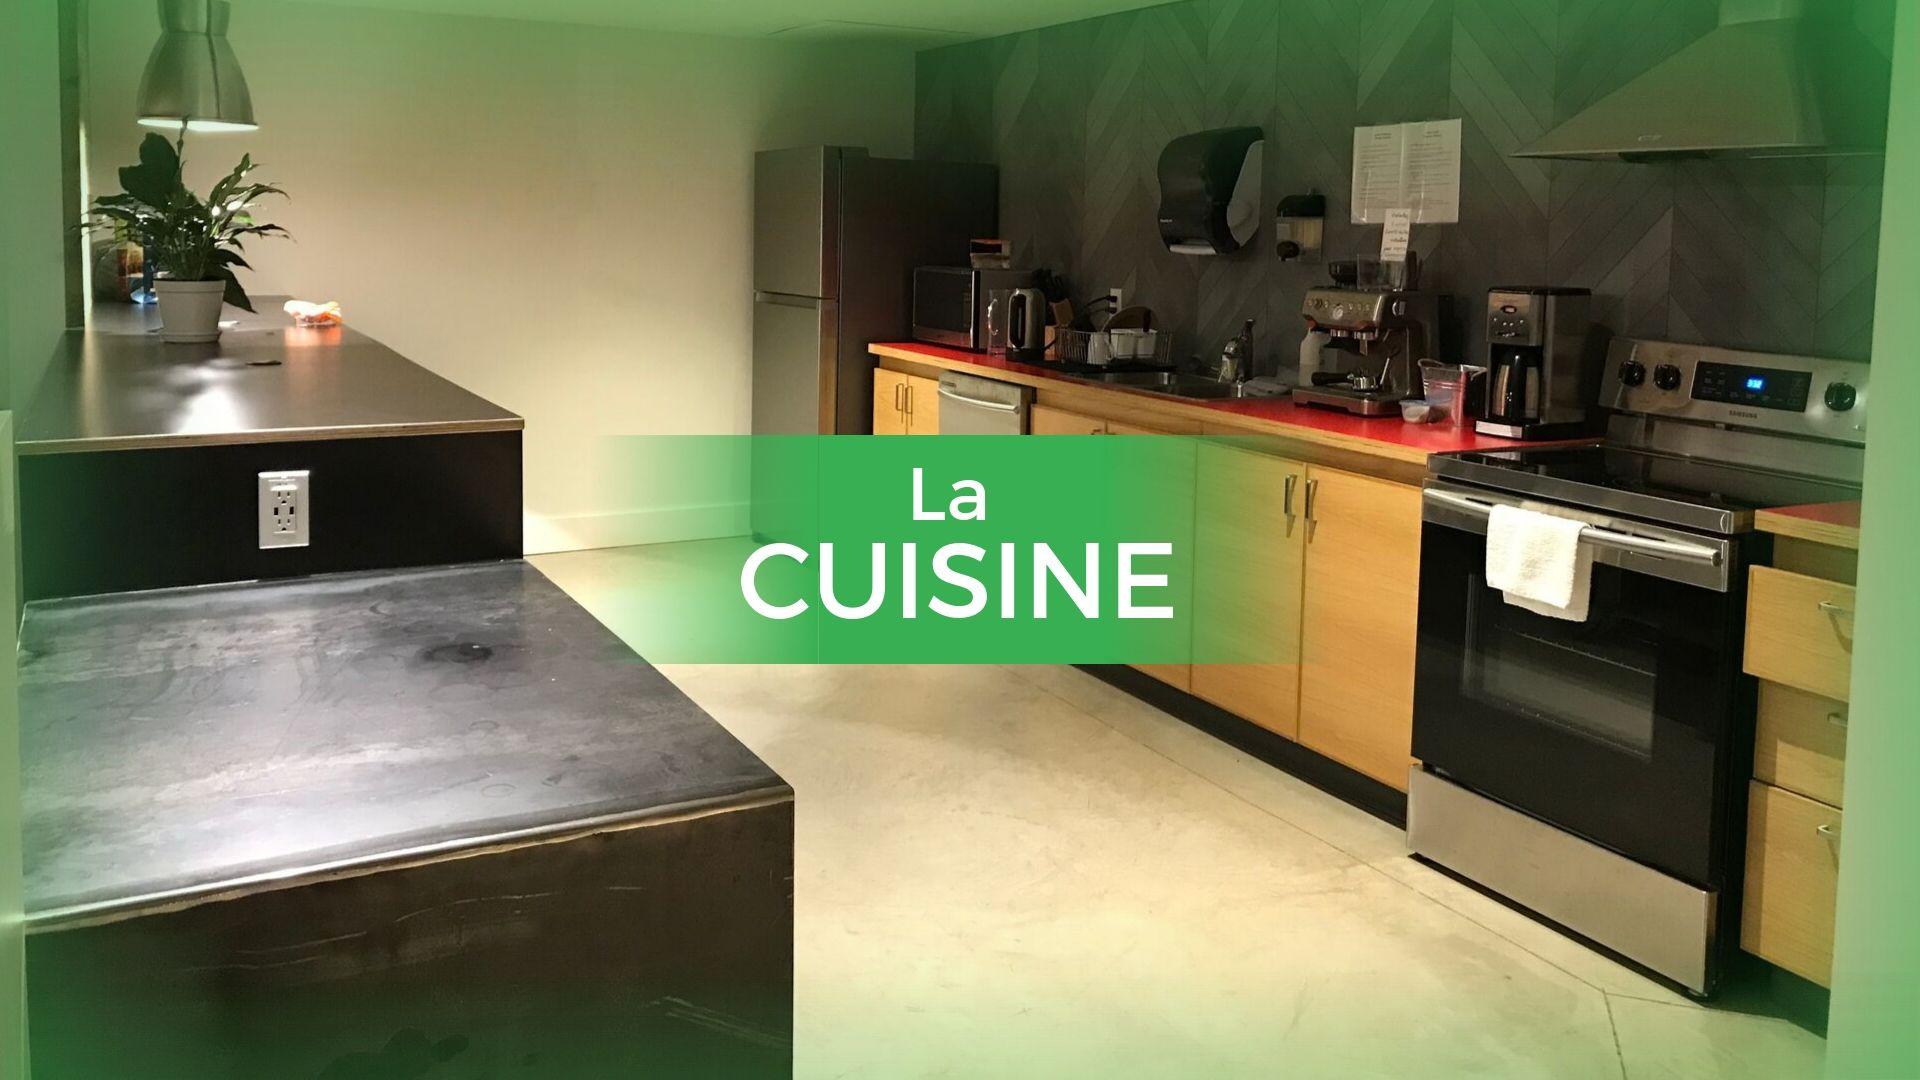 Cuisine (Microondes; cuisinière; bouilloire; assiettes; évier; lave-vaisselle)